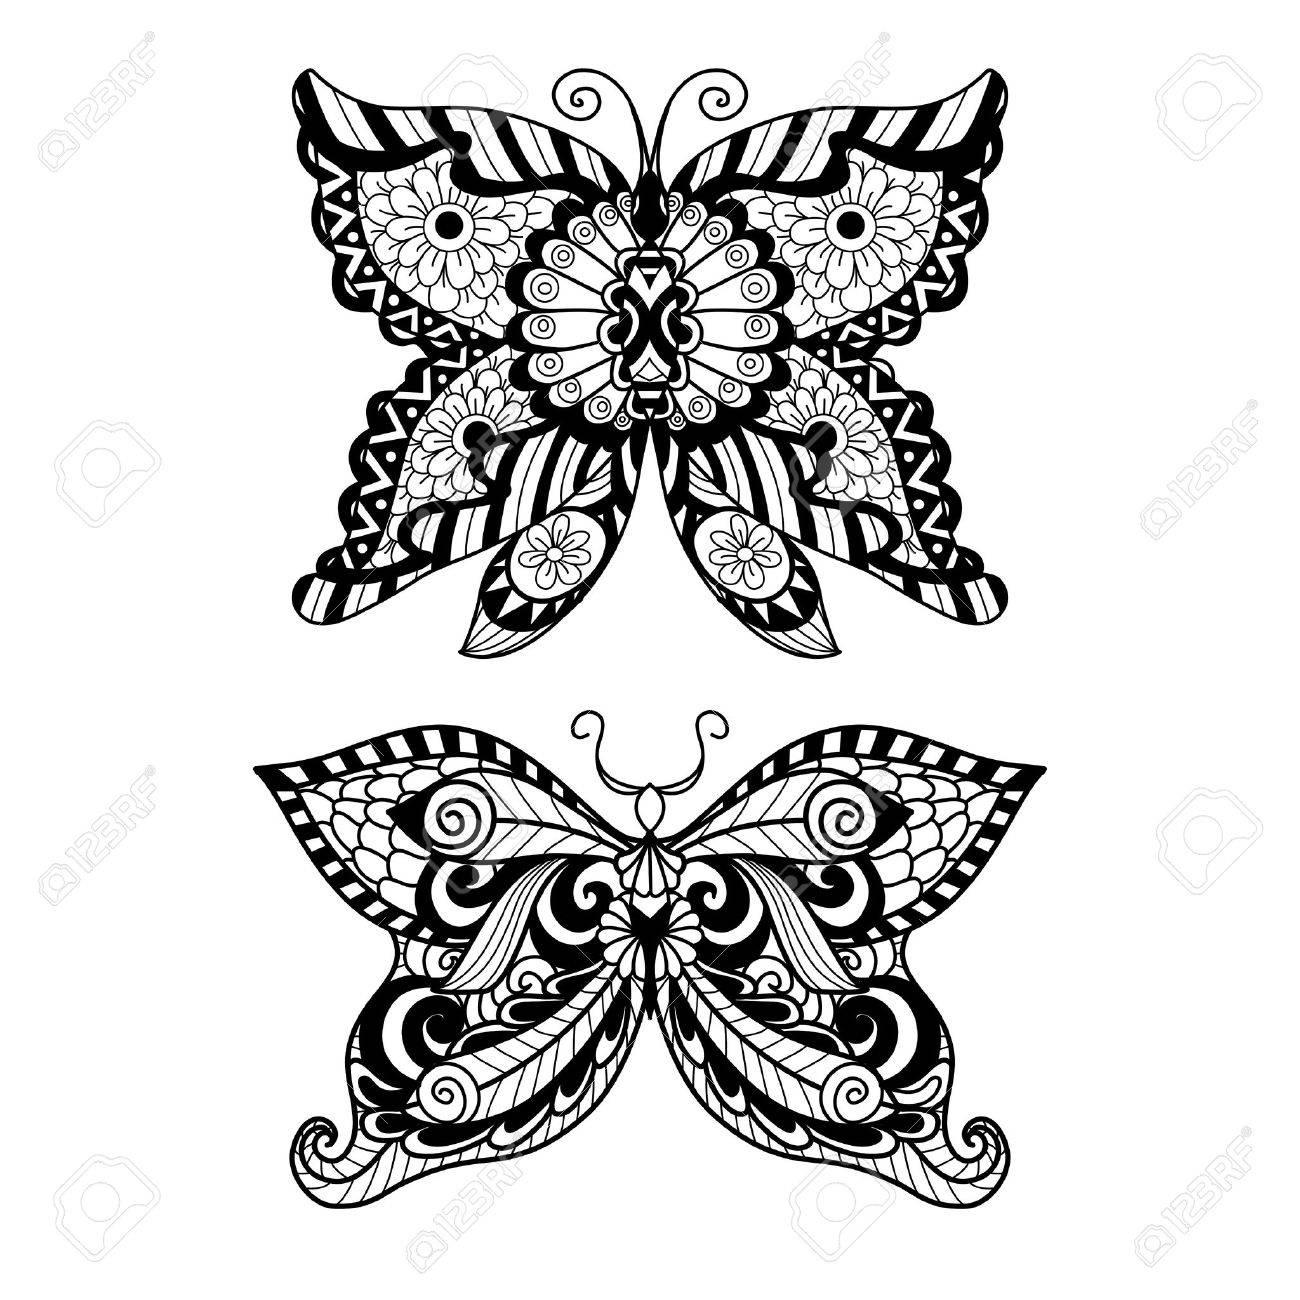 Dibujado A Mano De Estilo Mariposa Para Colorear, Diseño De La ...